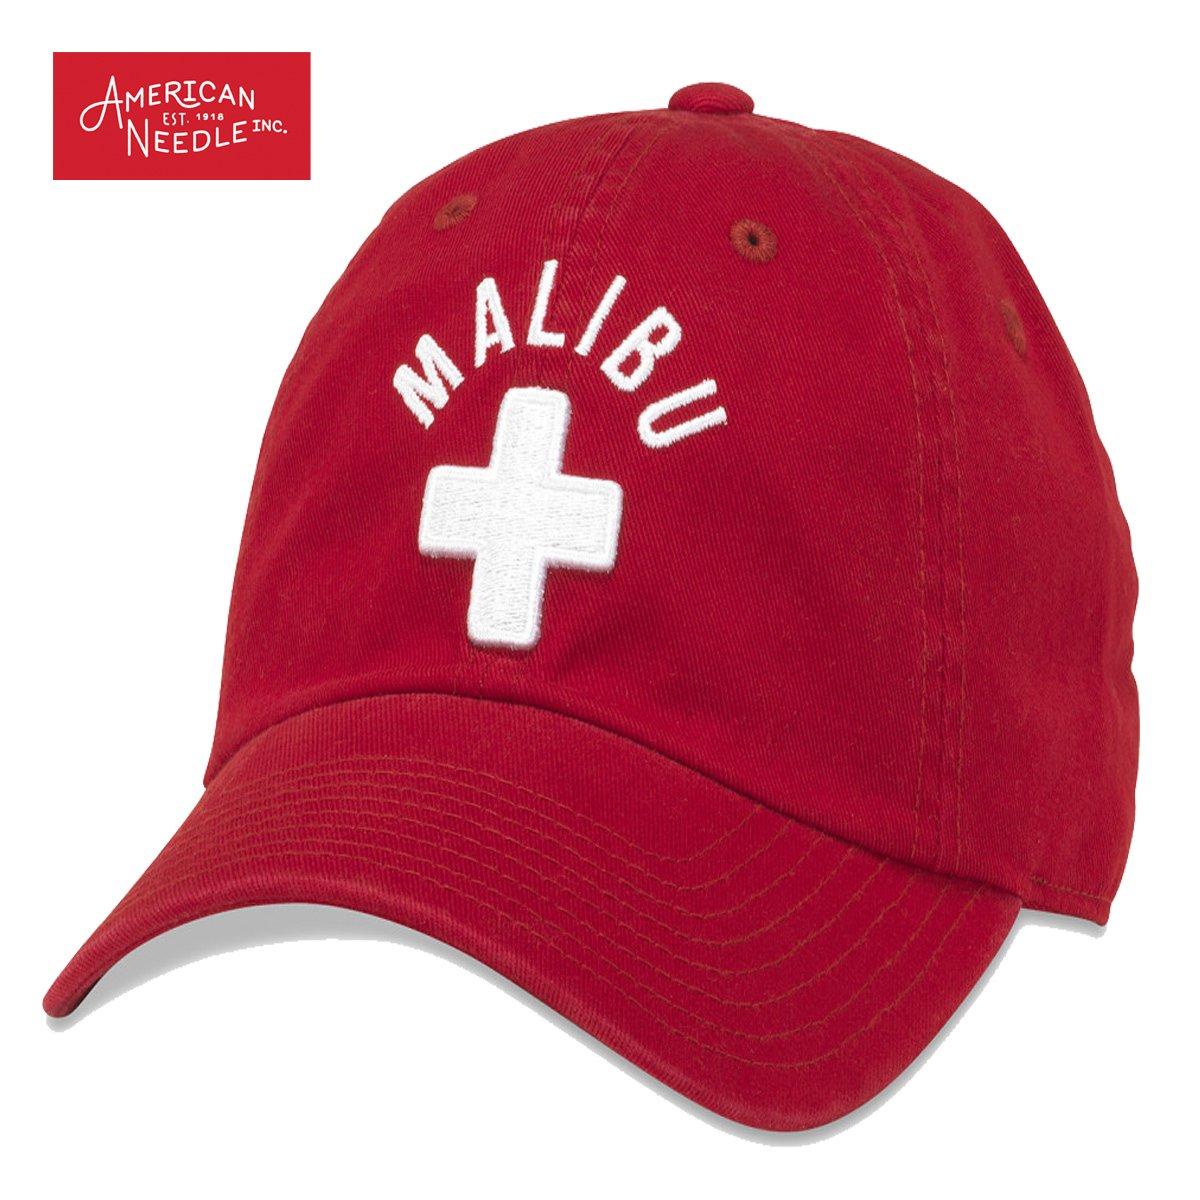 AMERICAN NEEDLE アメリカンニードル BASEBALL CAP CALI BEAR